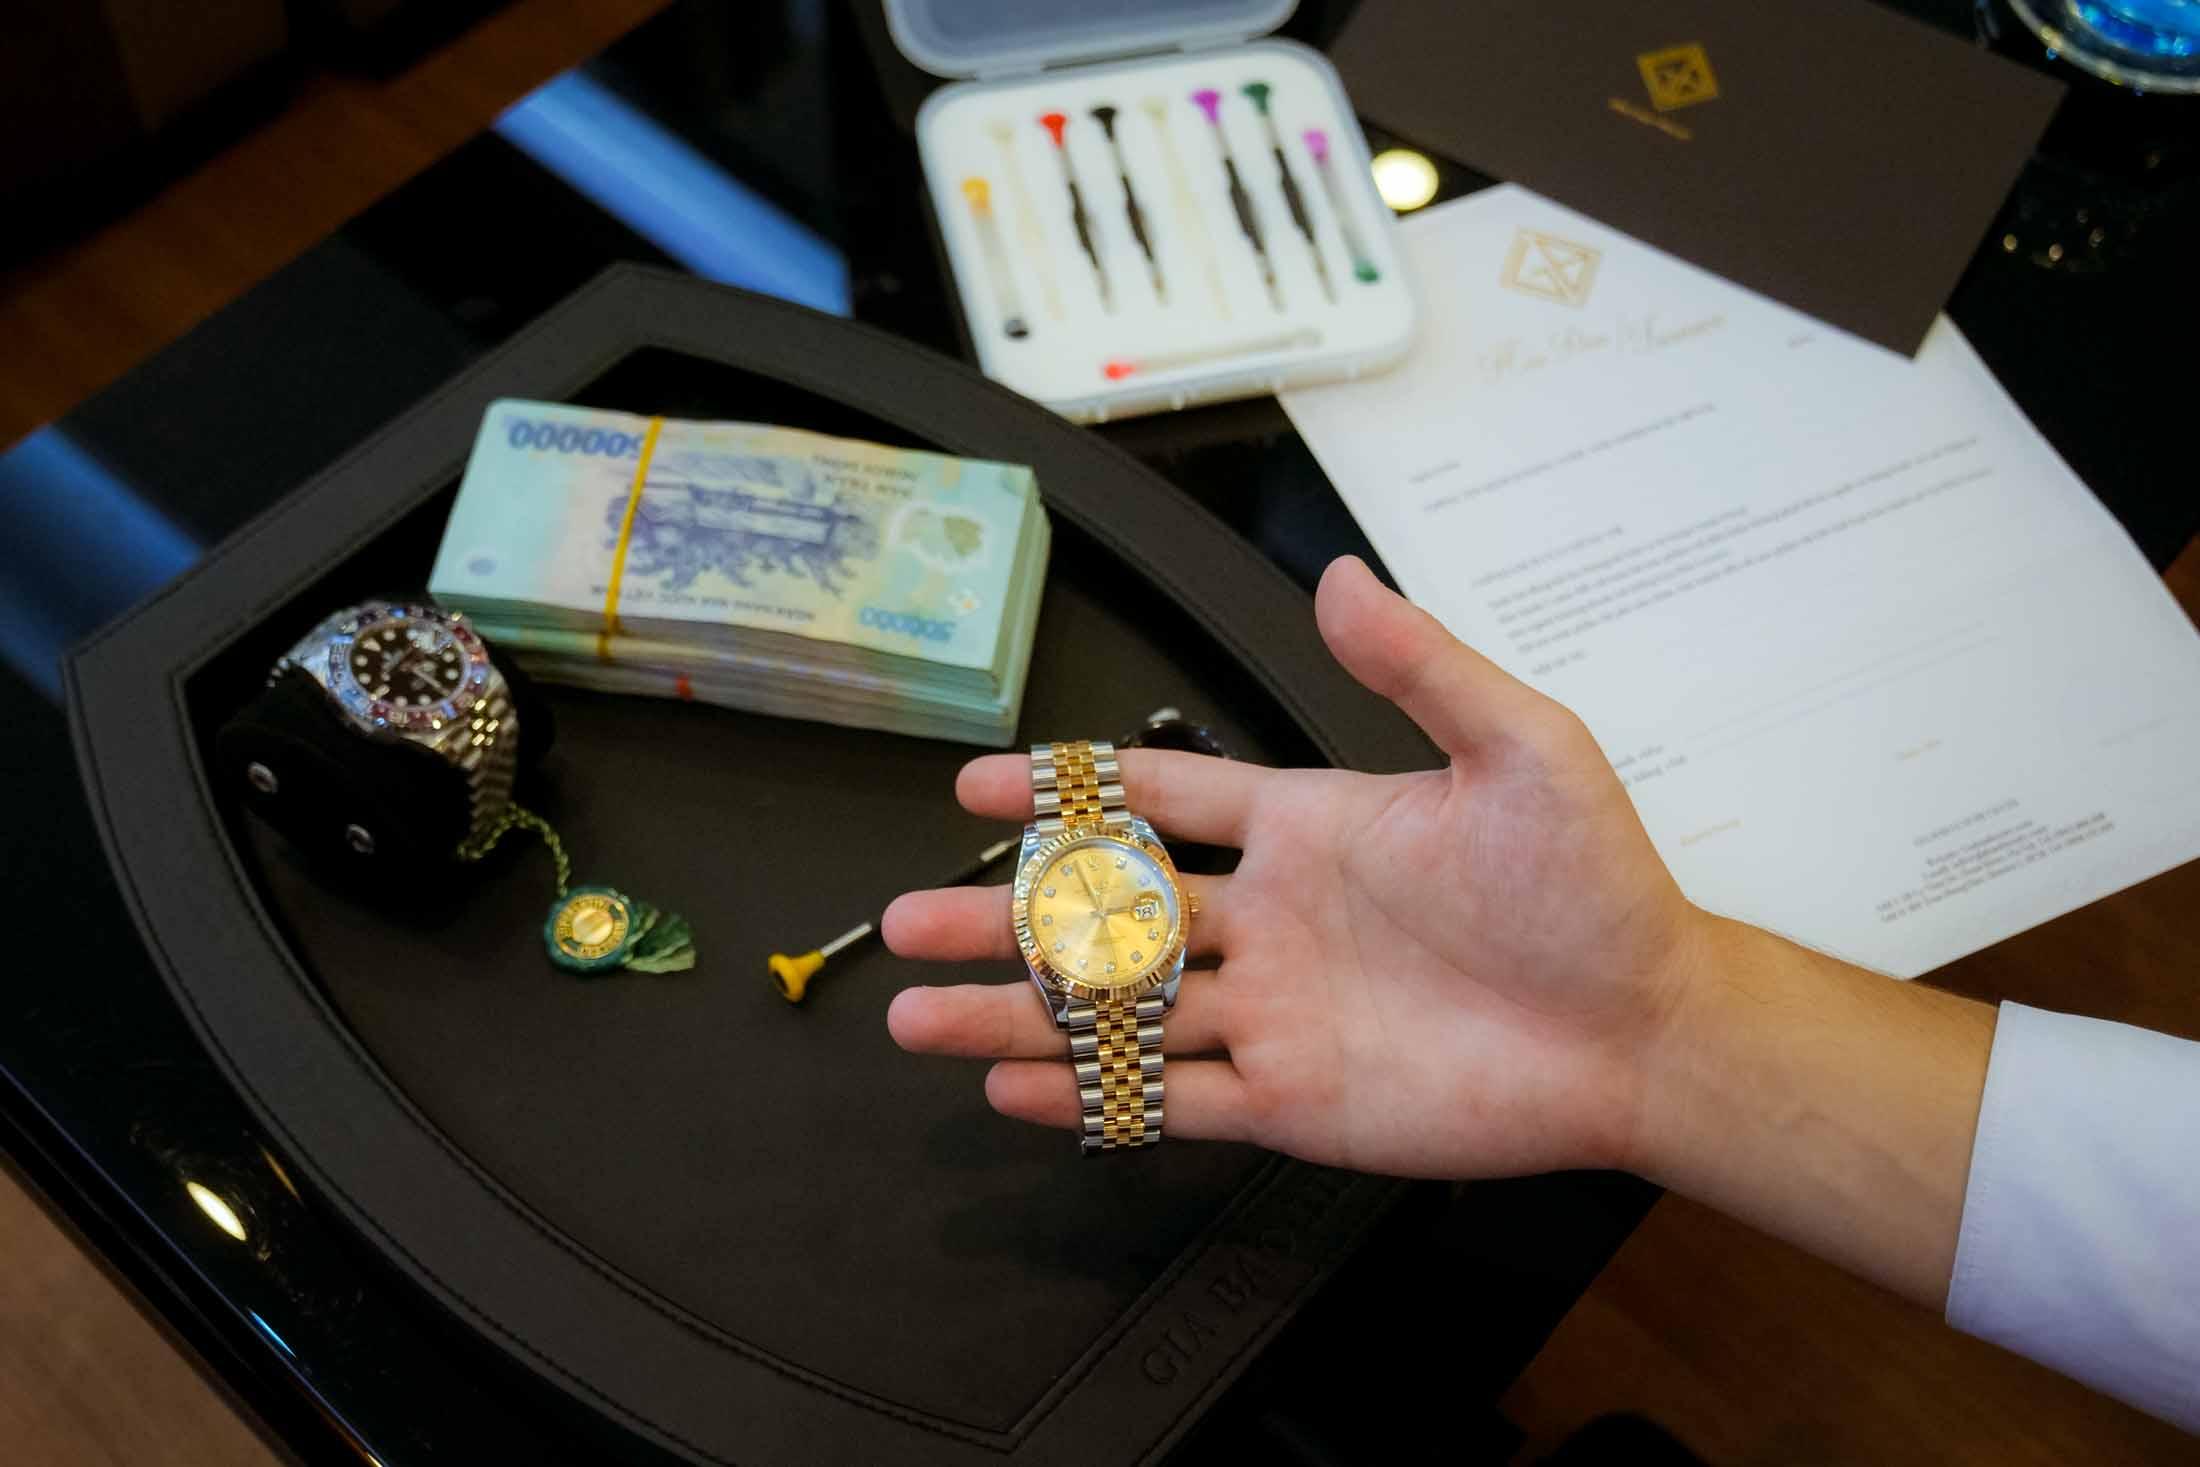 Dịch vụ thu mua đồng hồ cũ chính hãng tại Hà Nội